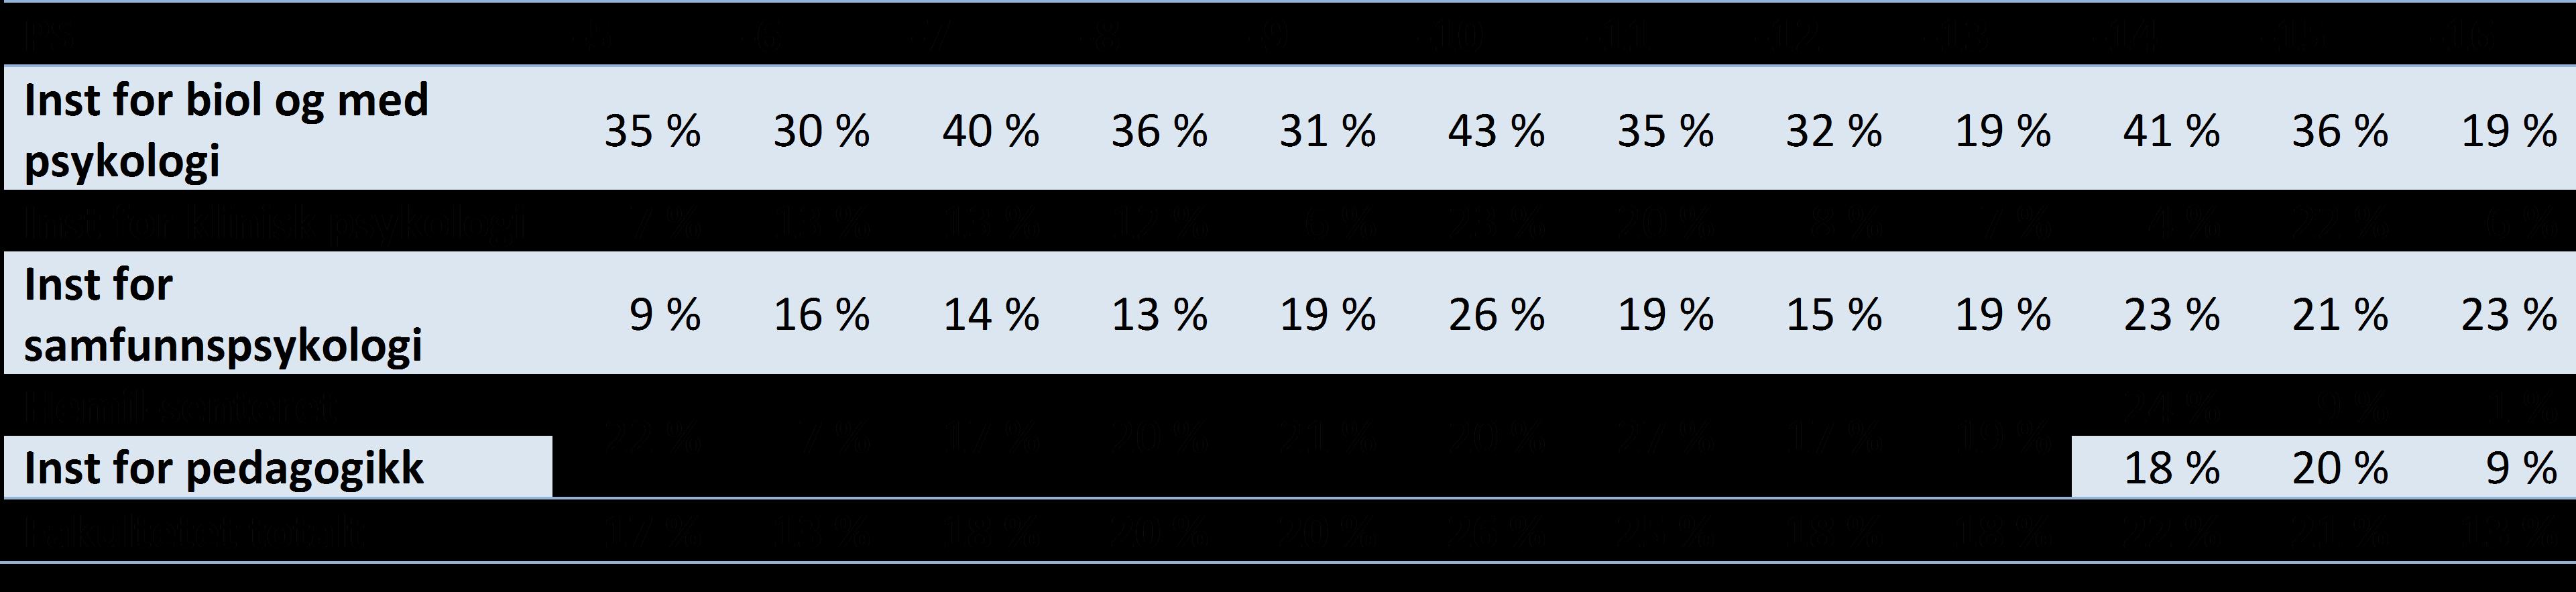 Tabell 4 Publikasjonsandeler på nivå 2 per institutt for Det psykologiske fakultet UiB, 2005-2016 (DBH).